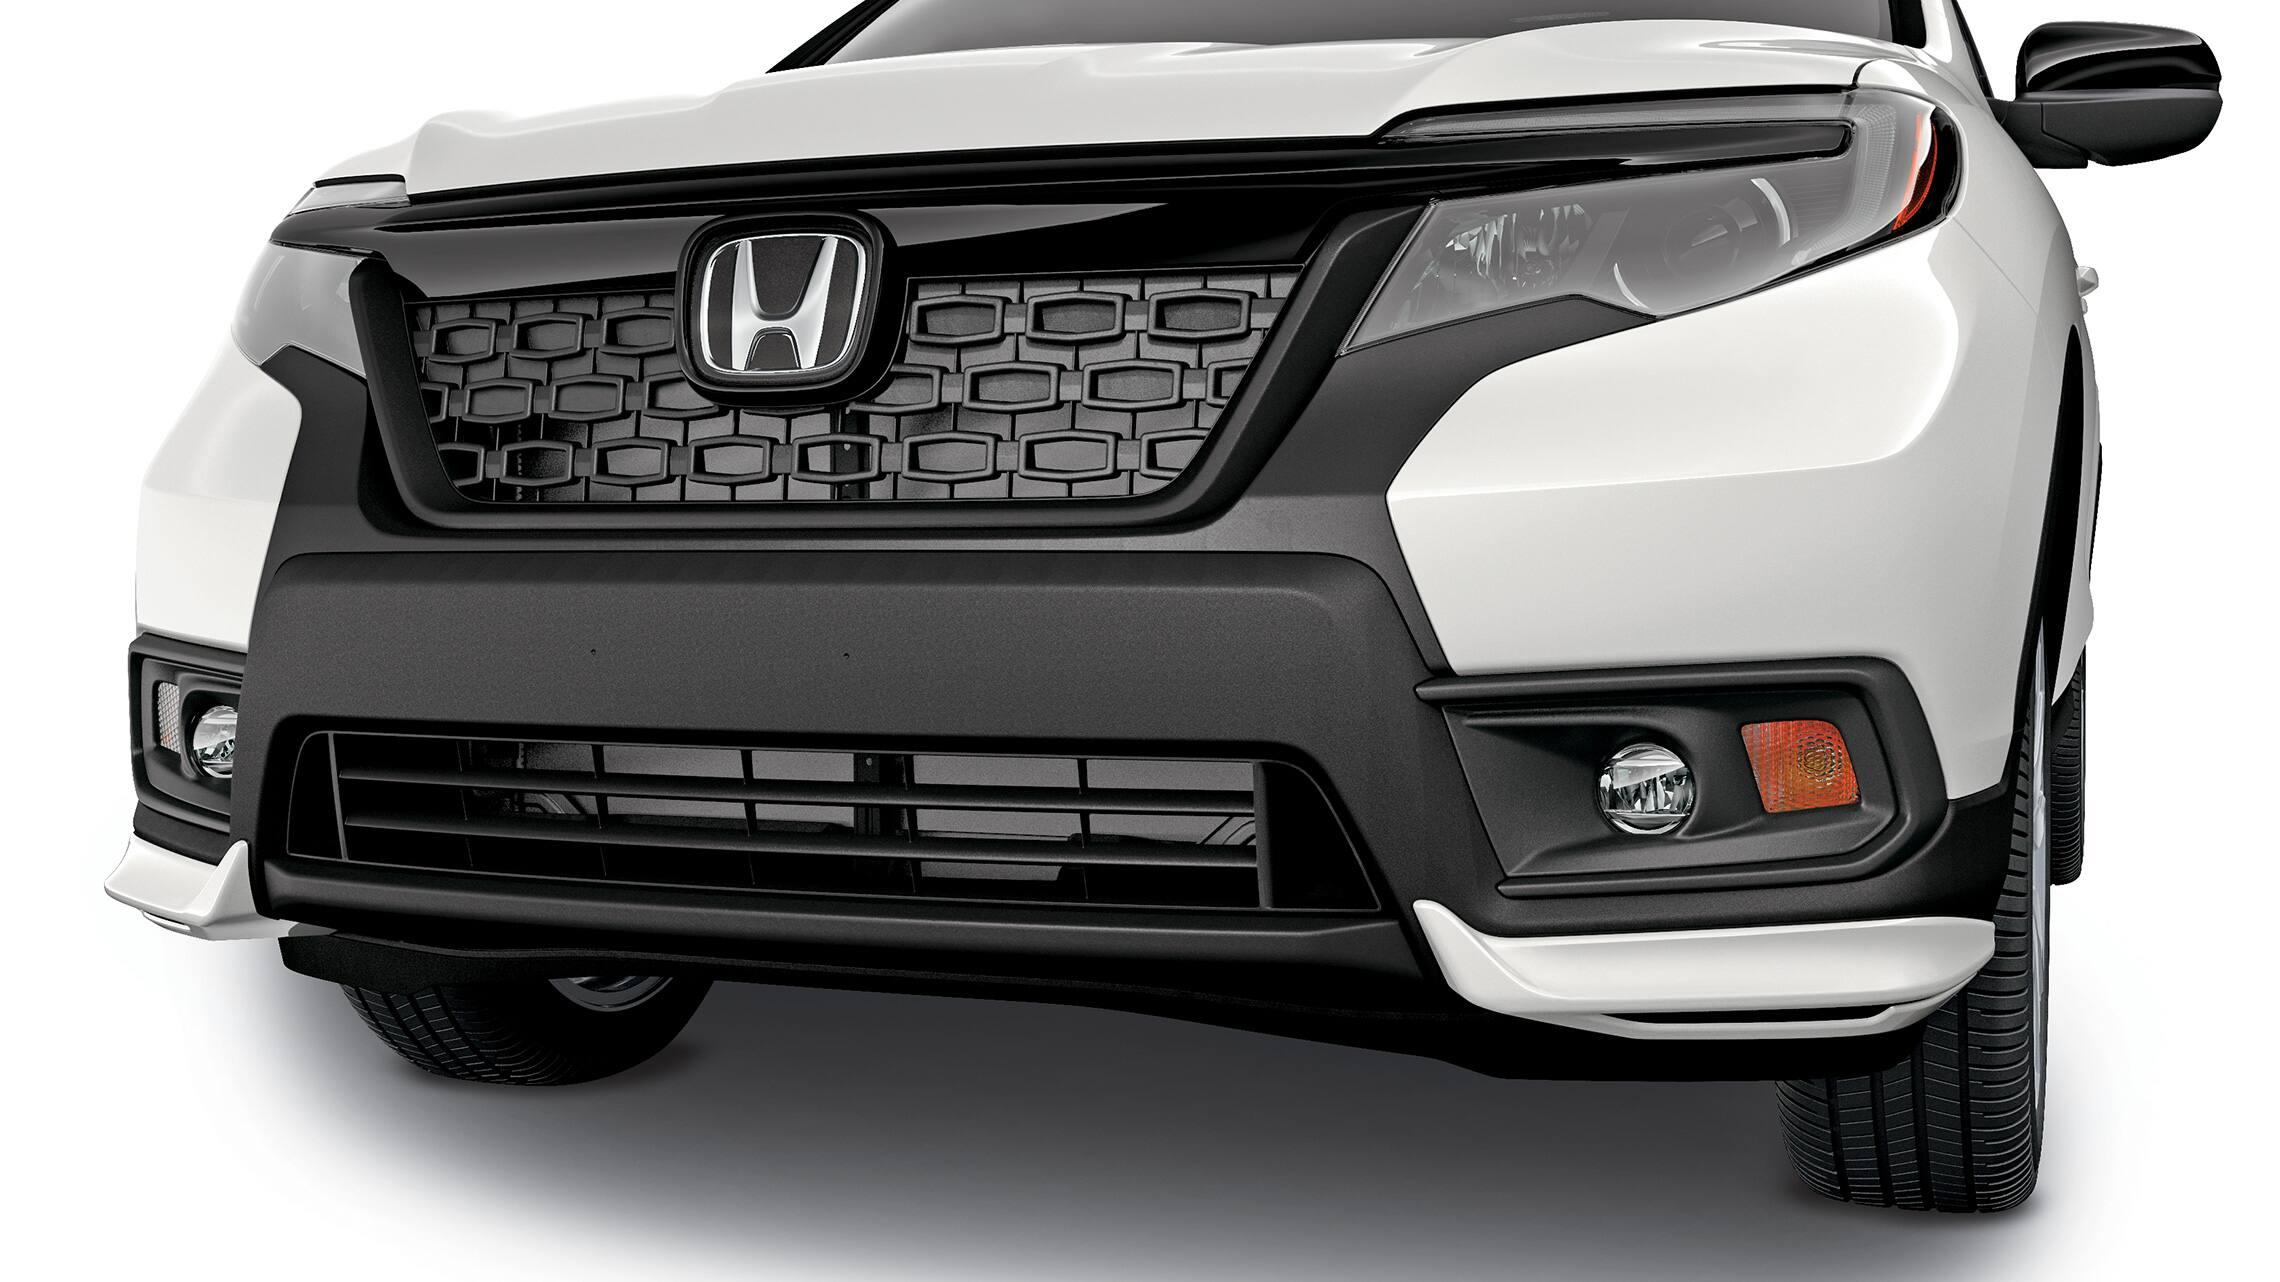 Detalle de accesorio de deflector de chasis delantero en la Honda Passport2019.